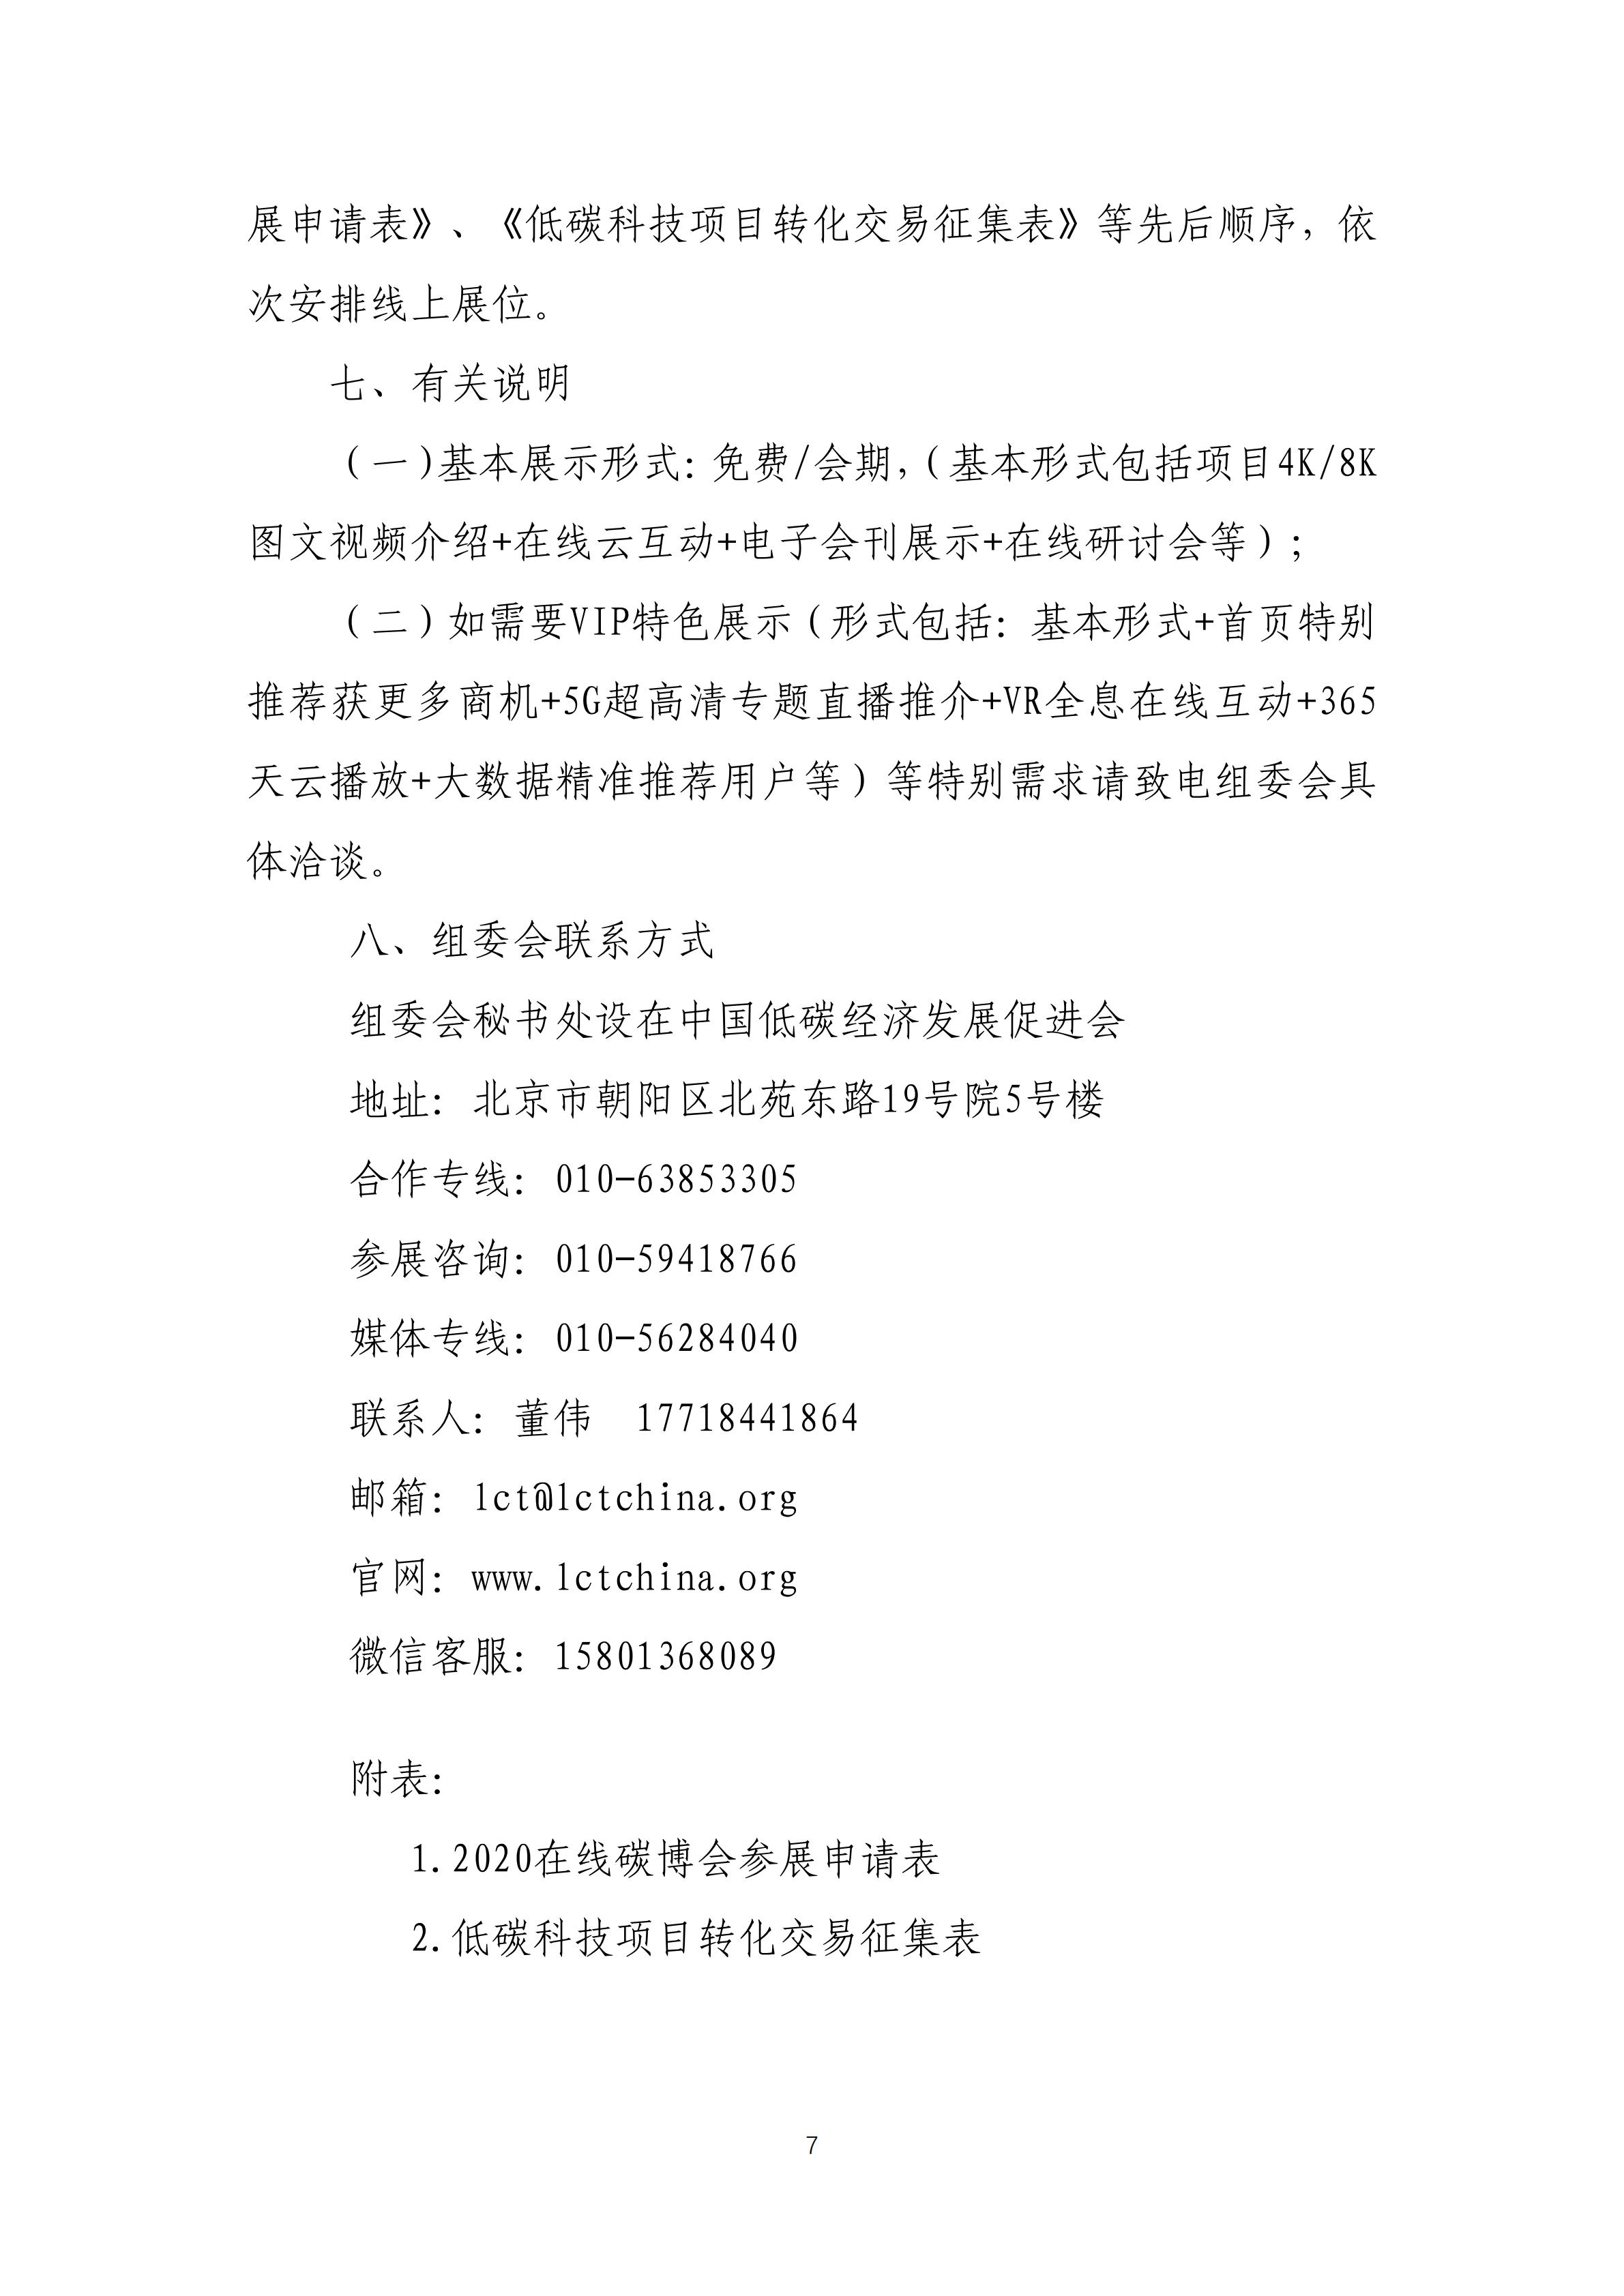 邀请上海经信委组团参加2020碳博会的函_06.png